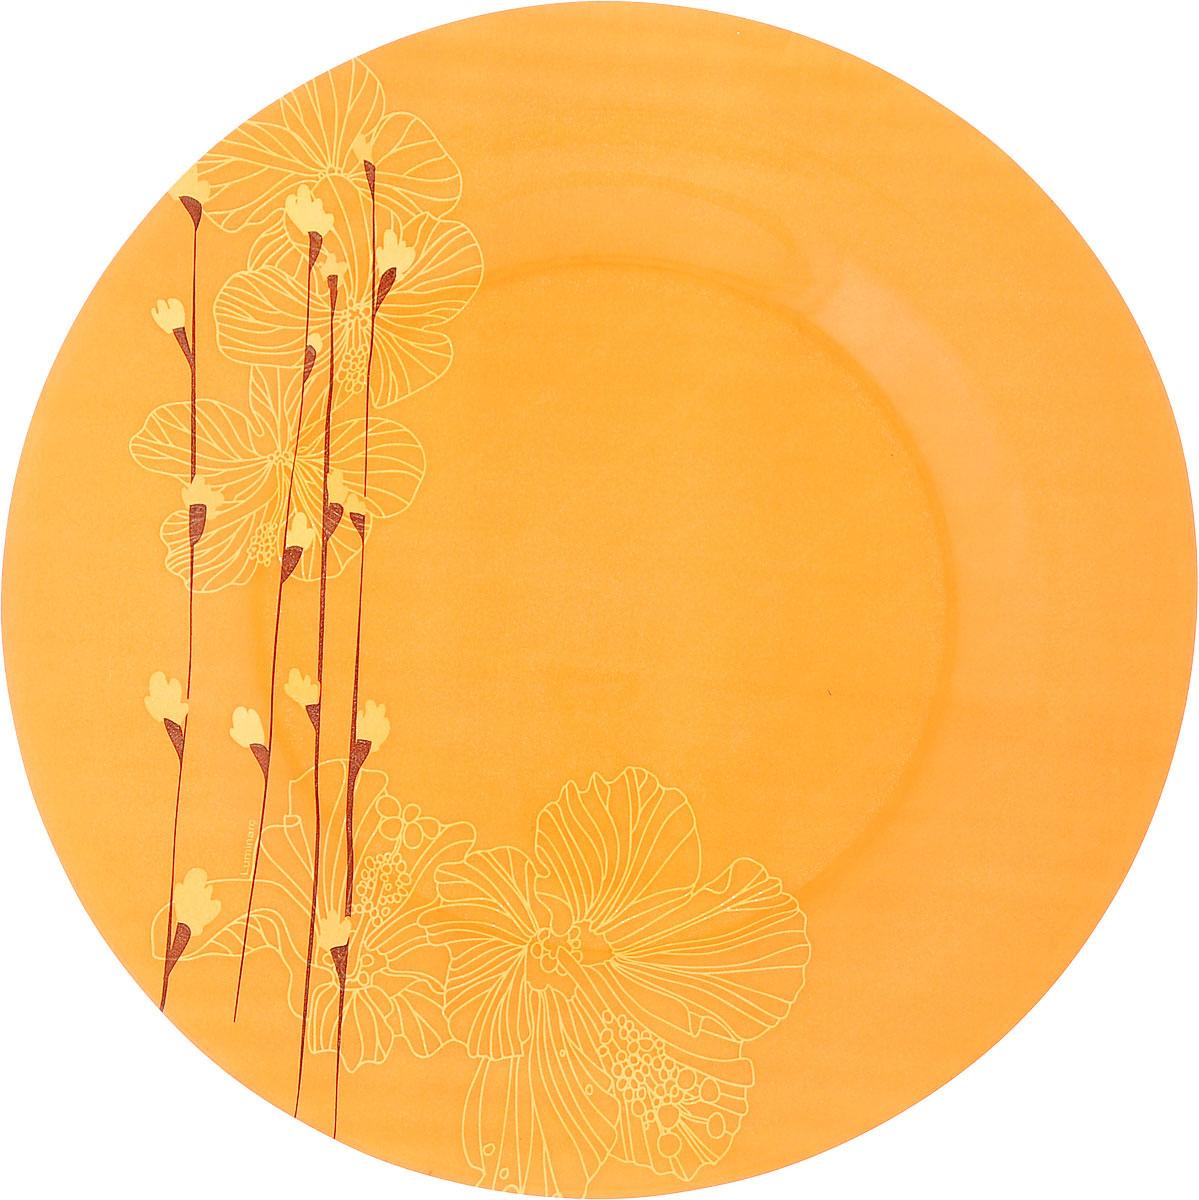 Тарелка обеденная Luminarc Rhapsody Orange, цвет: оранжевый, диаметр 25 смH7307_оранжевыйОбеденная тарелка Luminarc Rhapsody Orange, изготовленная из ударопрочного стекла, имеет изысканный внешний вид. Яркий дизайн придется по вкусу и ценителям классики, и тем, кто предпочитает утонченность. Тарелка Luminarc Rhapsody Orange идеально подойдет для сервировки вторых блюд из птицы, рыбы, мяса или овощей, а также станет отличным подарком к любому празднику. Диаметр тарелки (по верхнему краю): 25 см.